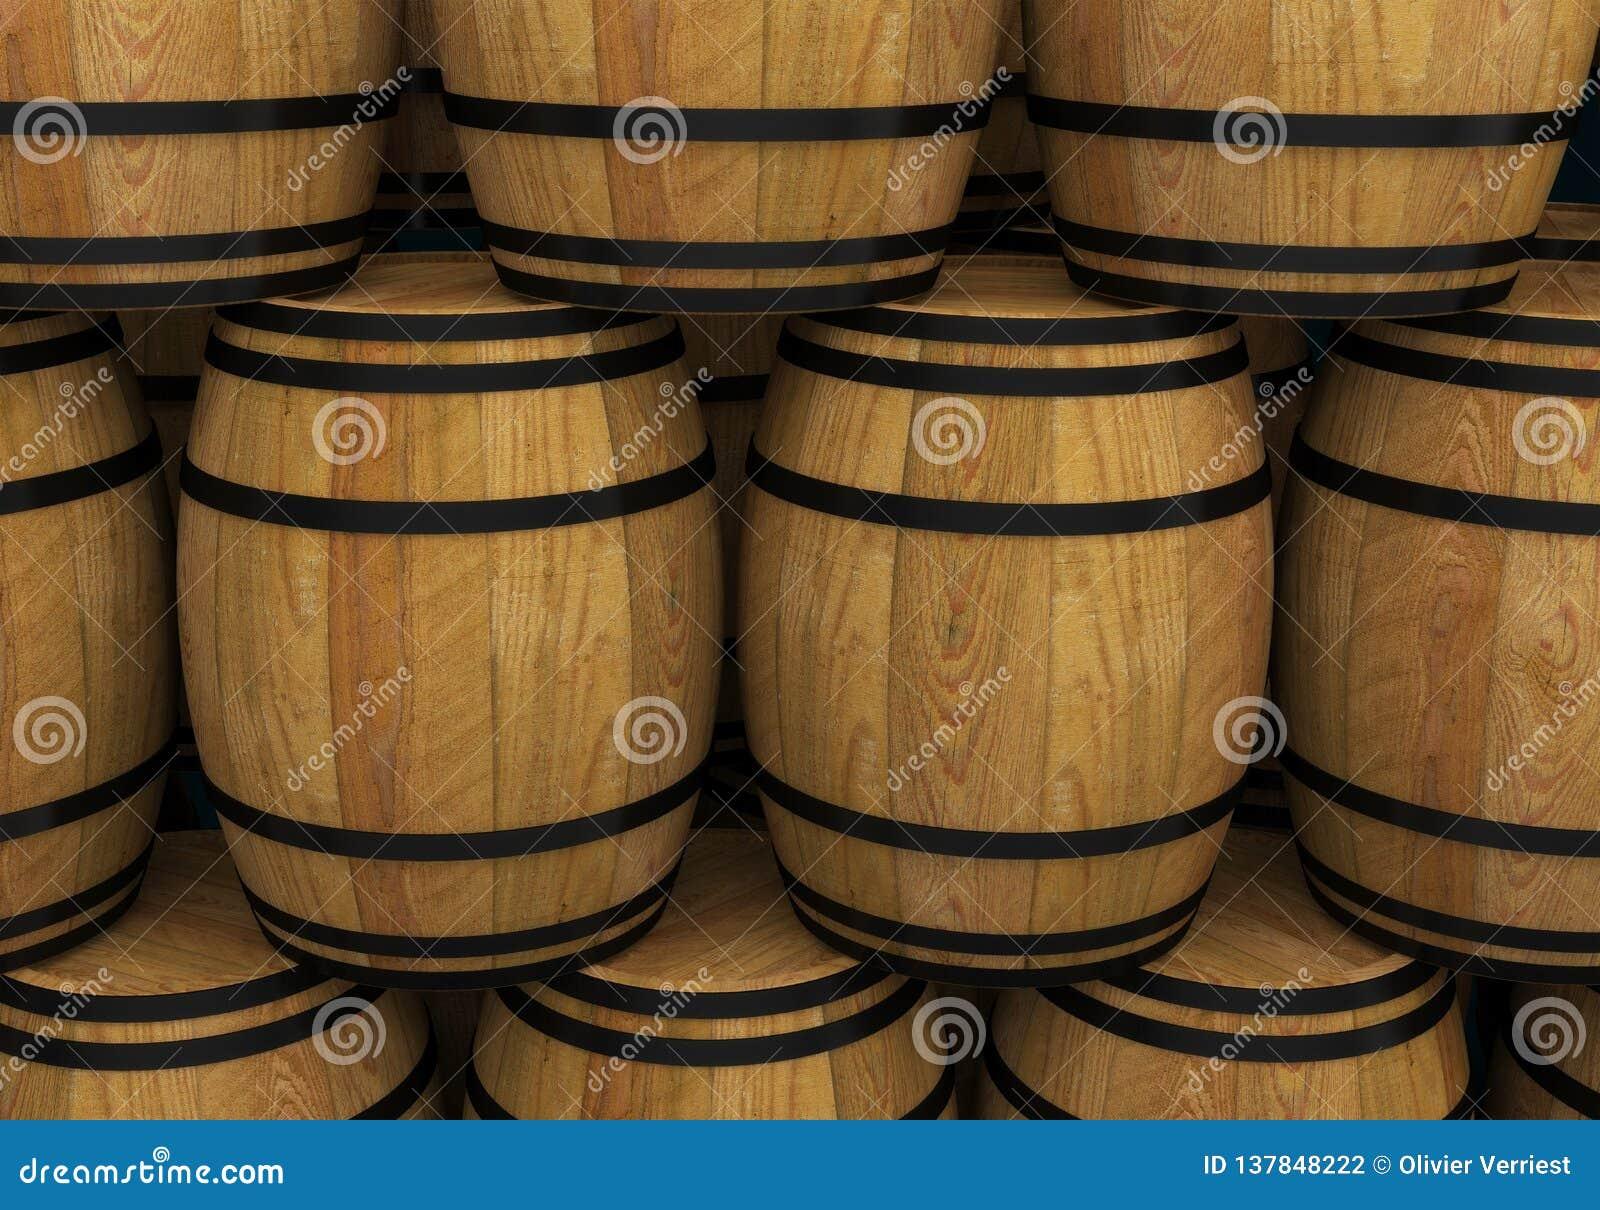 Ξύλινο βαρέλι μπύρας οινοπνεύματος βαρελιών κρασιού